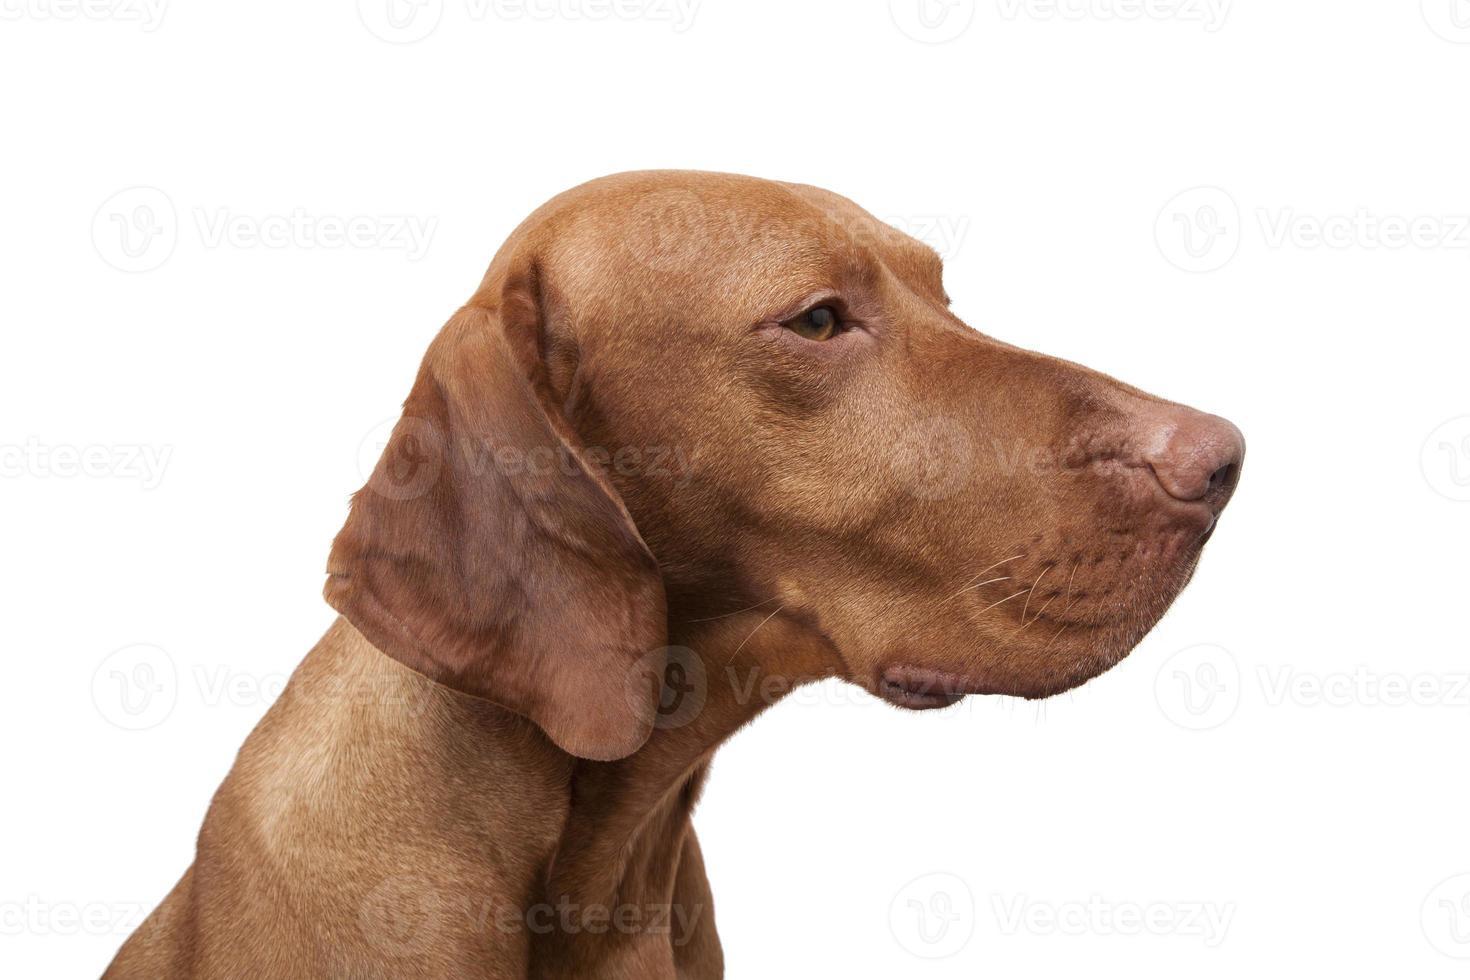 pekare hund porträtt foto